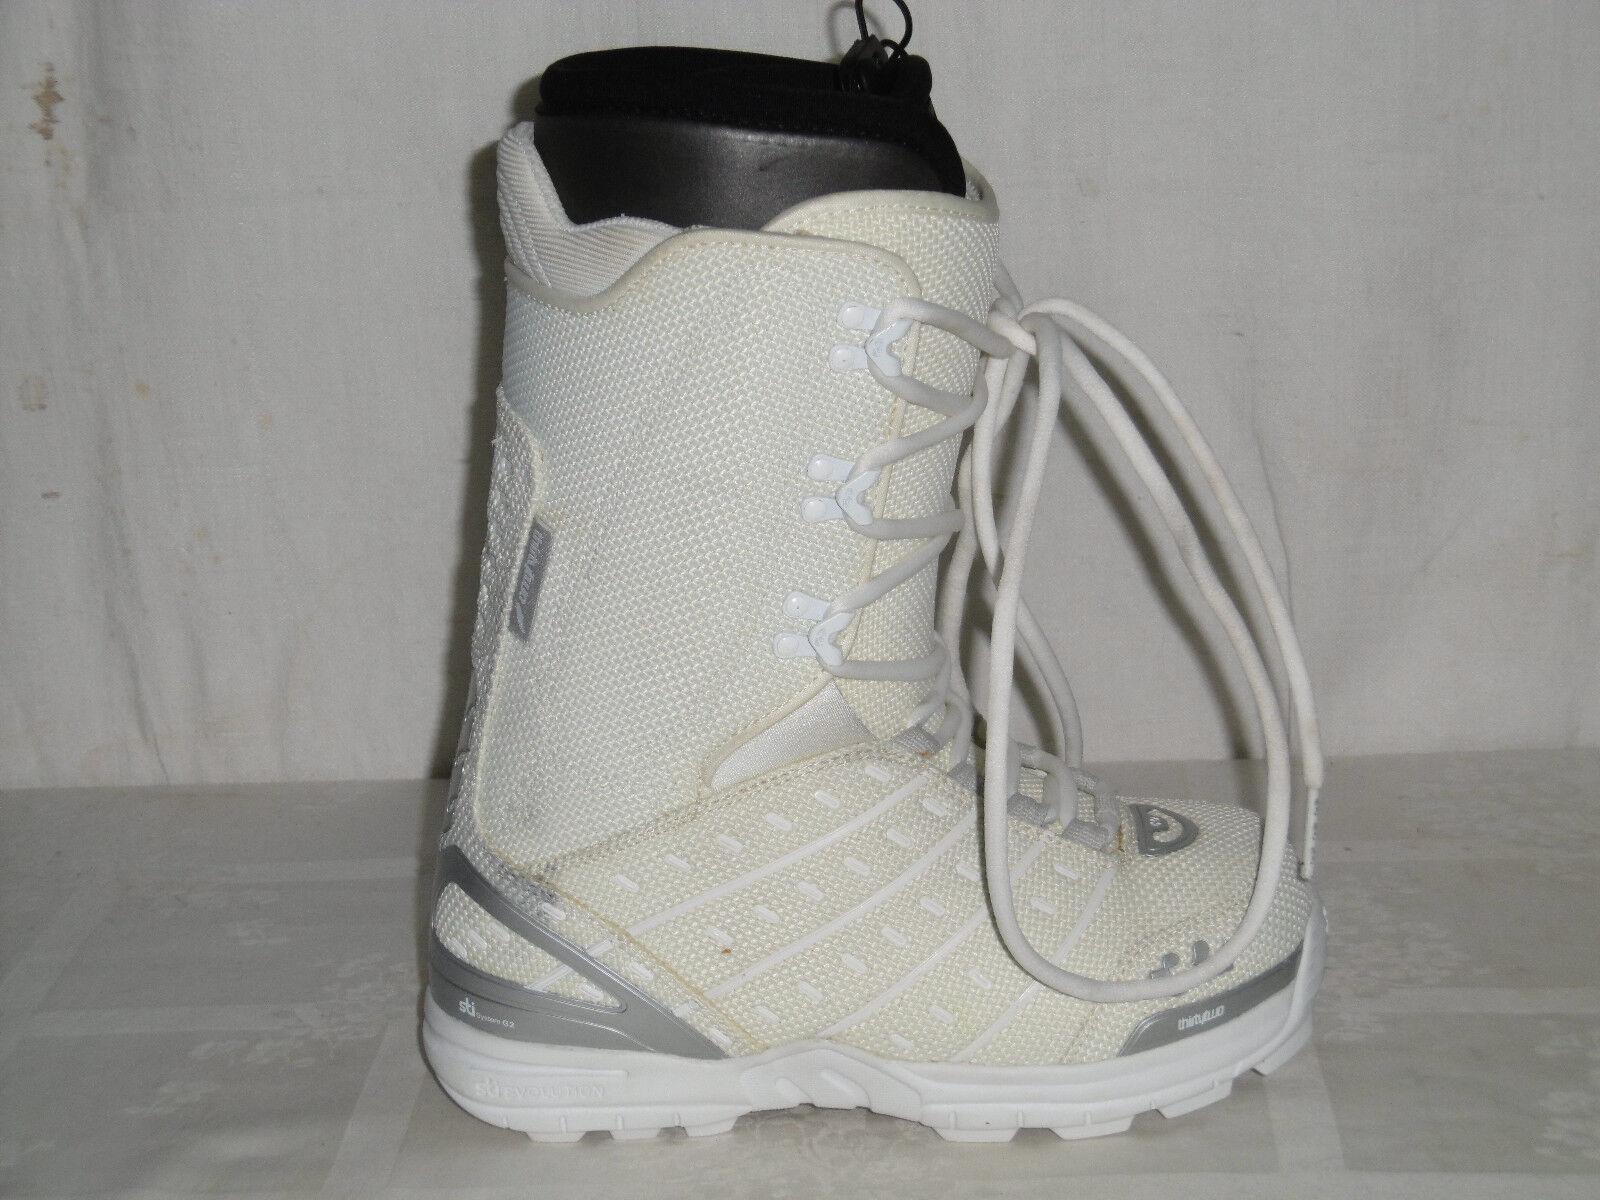 THIRTYTWO THIRTYTWO THIRTYTWO TOP SNOWBOARD Stiefel GR  37 NEUWERTIG db99a3